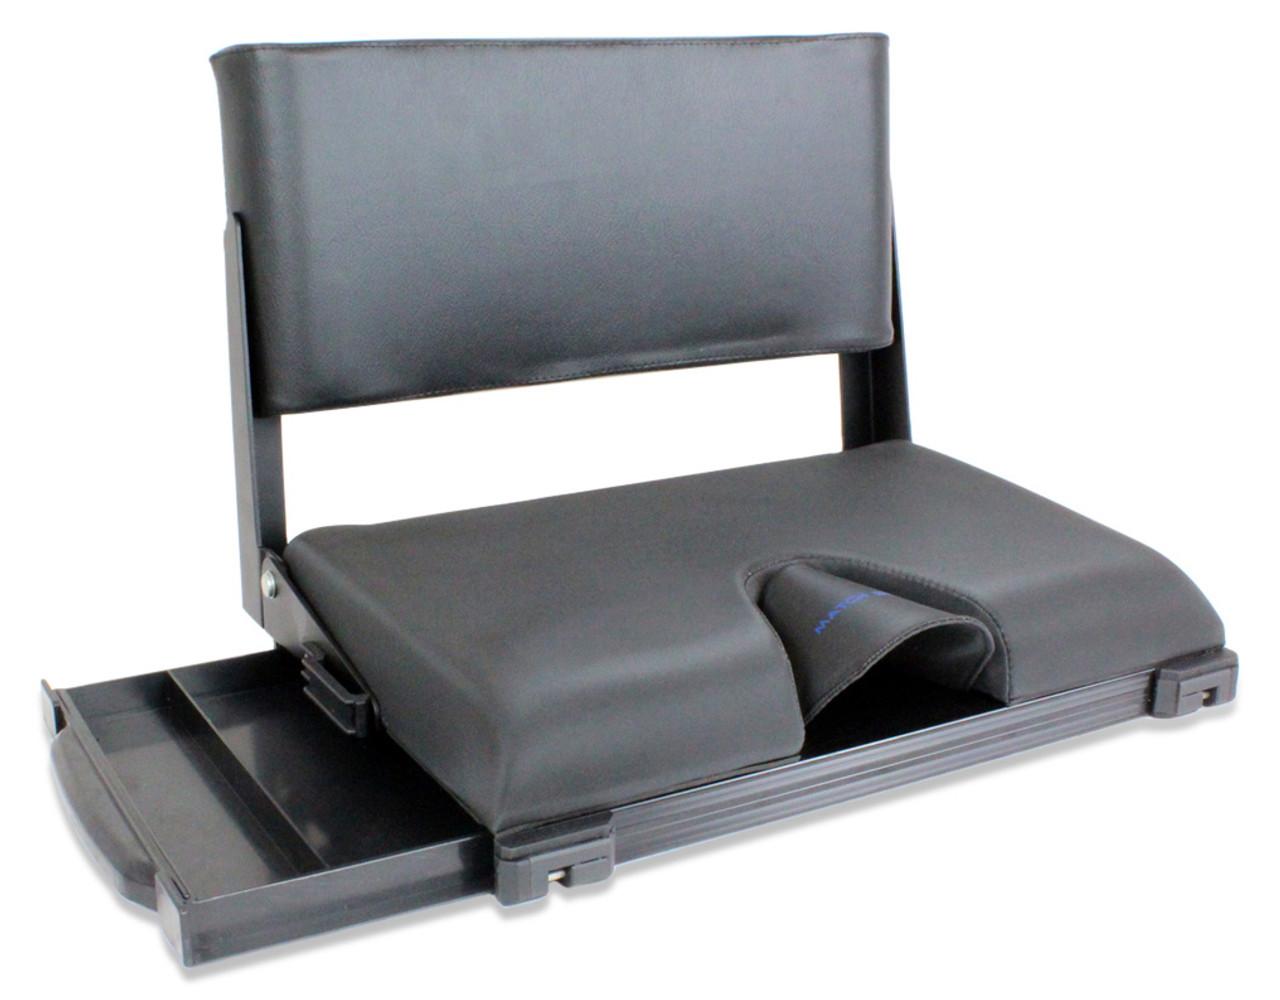 Match Station Mod-Box Folding Fishing Seat Box Back Rest